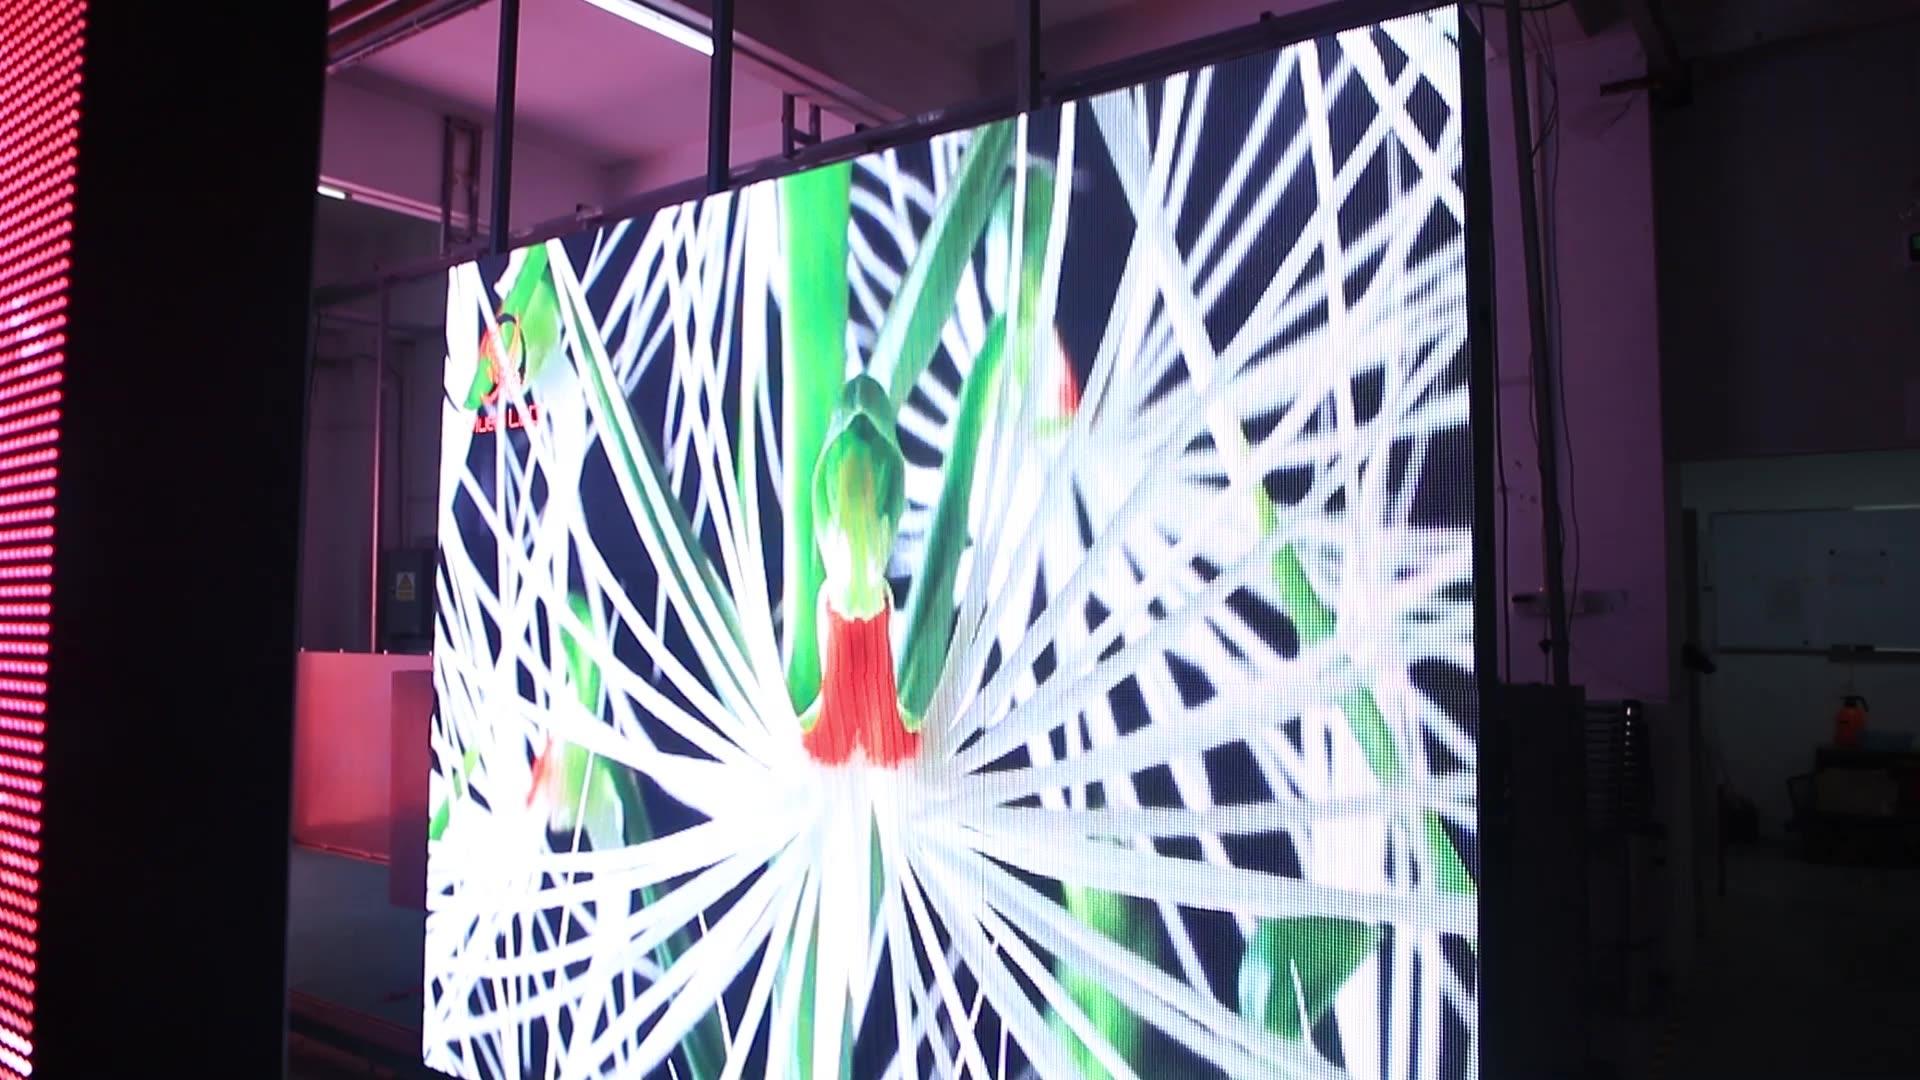 هد تلفزيون Led لوحة الشاشة PH5 كبير الرياضة فيديو PH5 سمد شاشة عرض ليد للملاعب P5 في الهواء الطلق كامل اللون 360 واط/متر مربع SMD2727